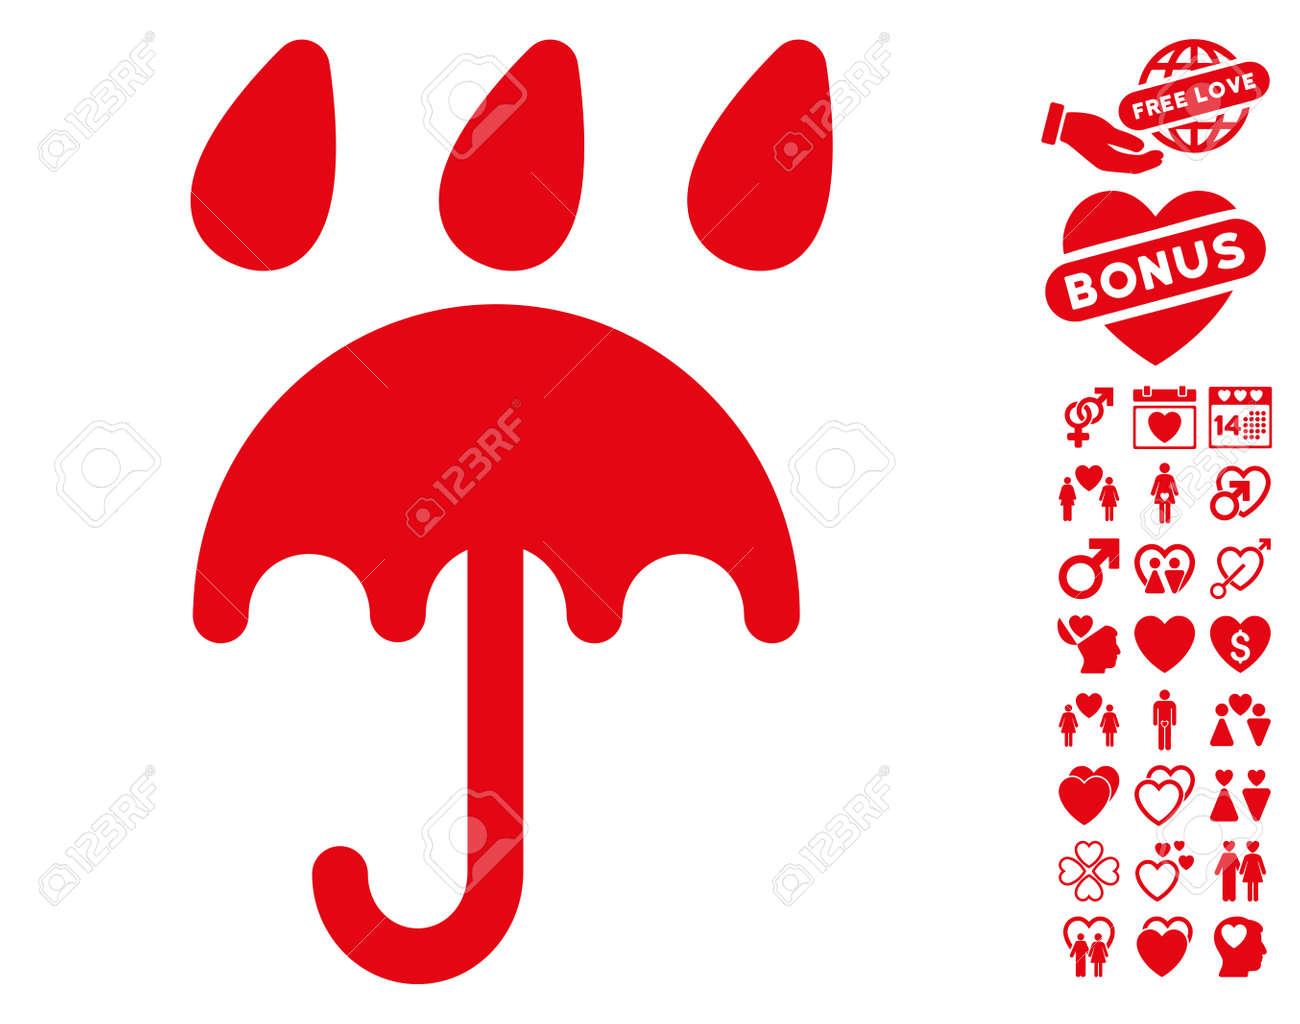 Icono De Protección De Lluvia Con Símbolos De Decoración De Bonificación Ilustración Vectorial Estilo Plano Símbolos Icónicos Rojos Sobre Fondo